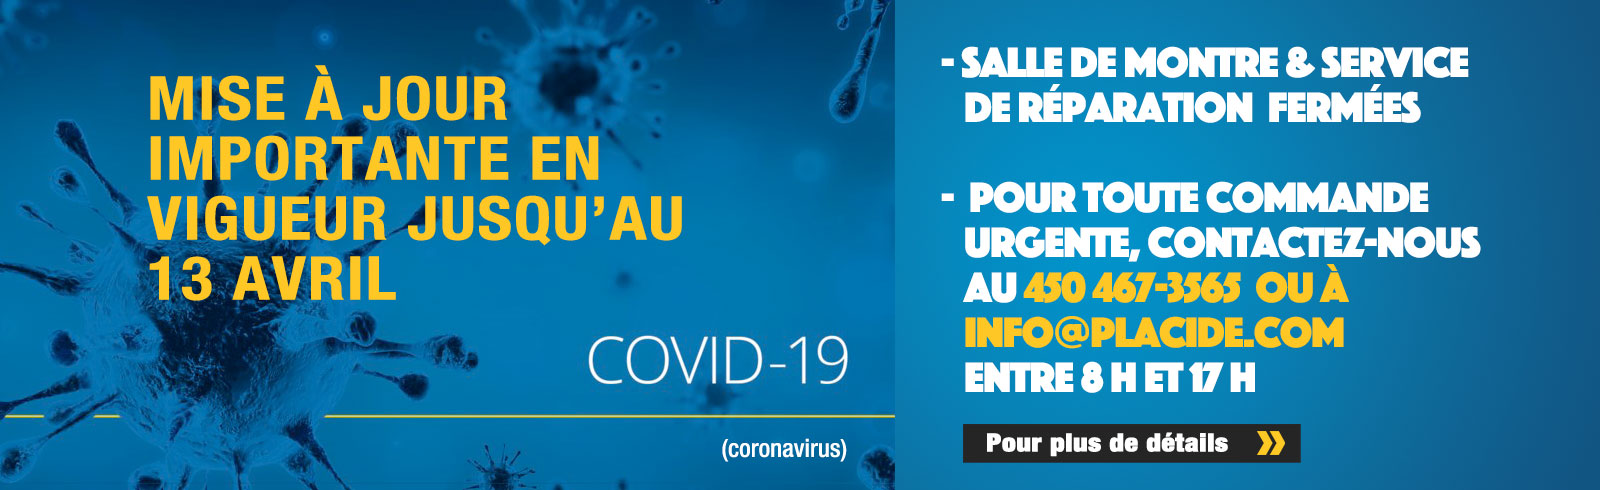 Covid : Mise à jour en vigueur jusqu'au 13 avril 2020